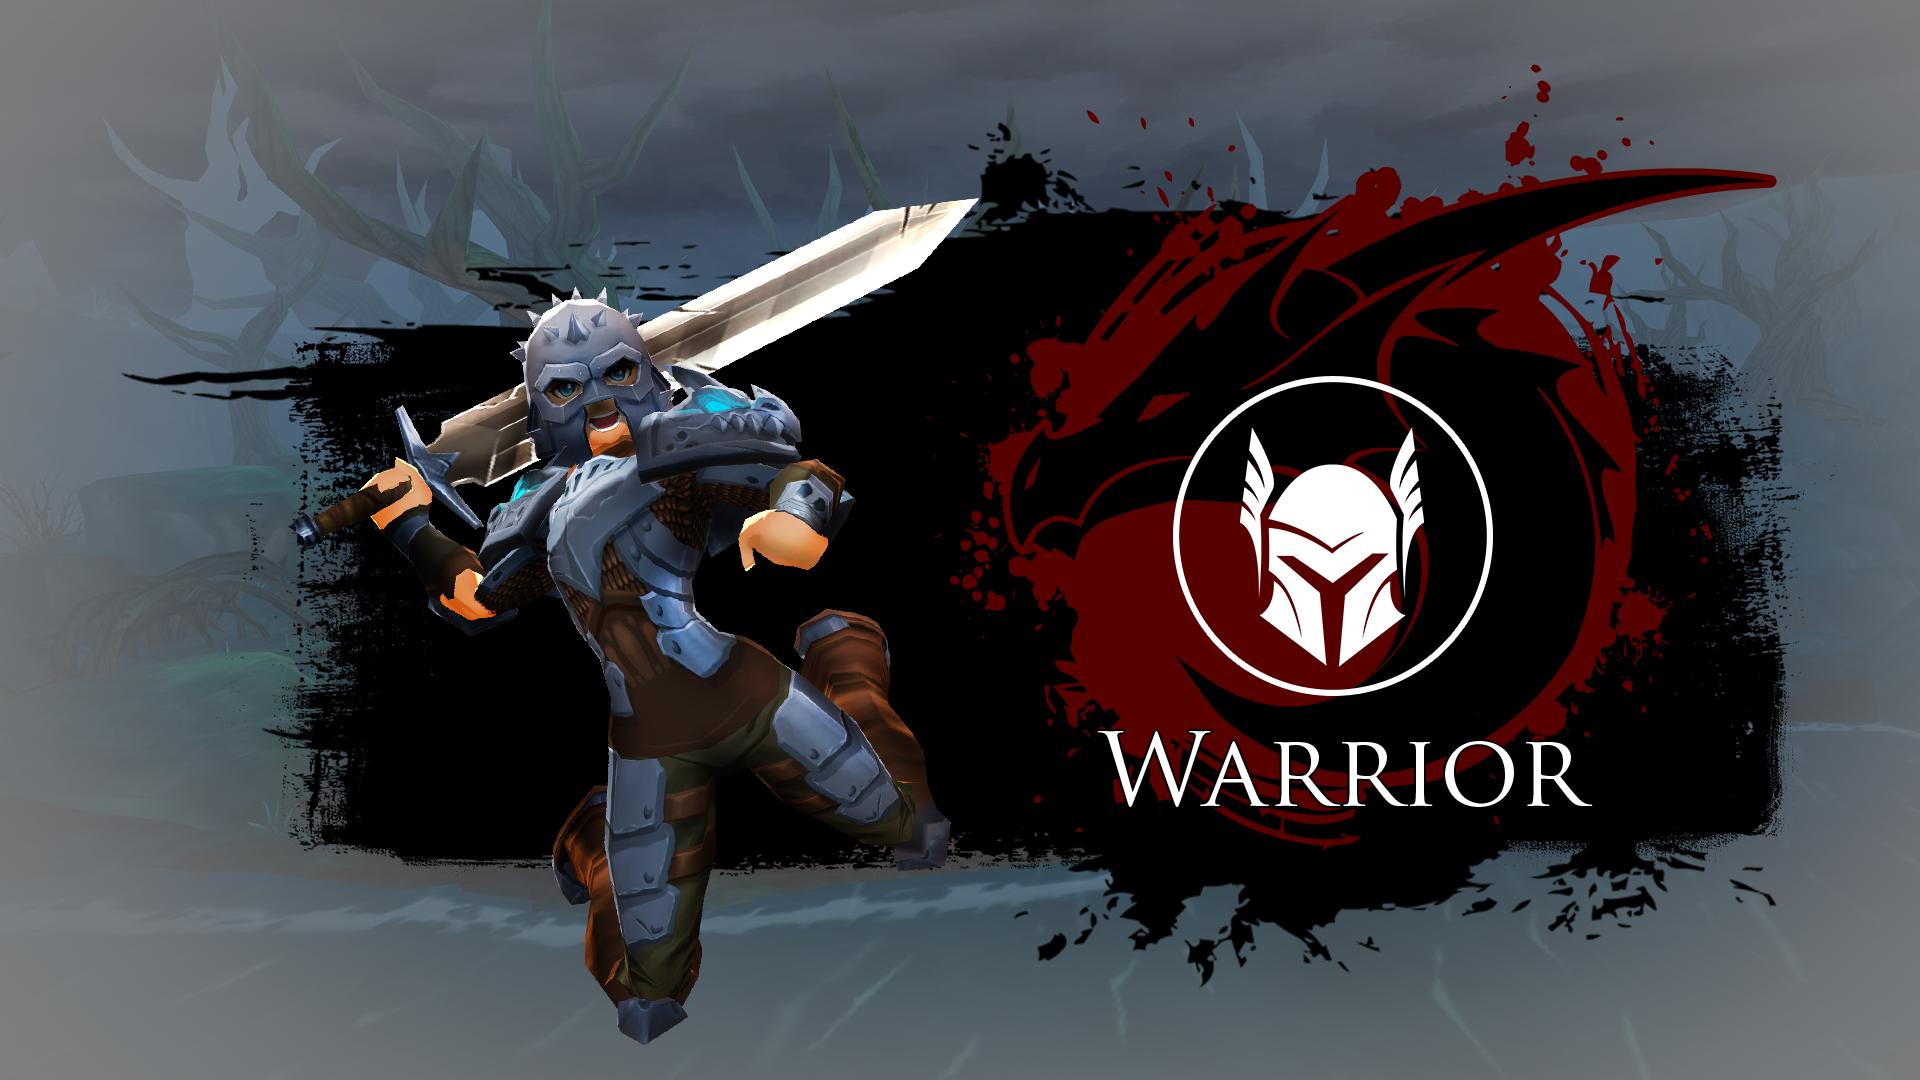 warrior adventure quest 3d cross platform mmorpg